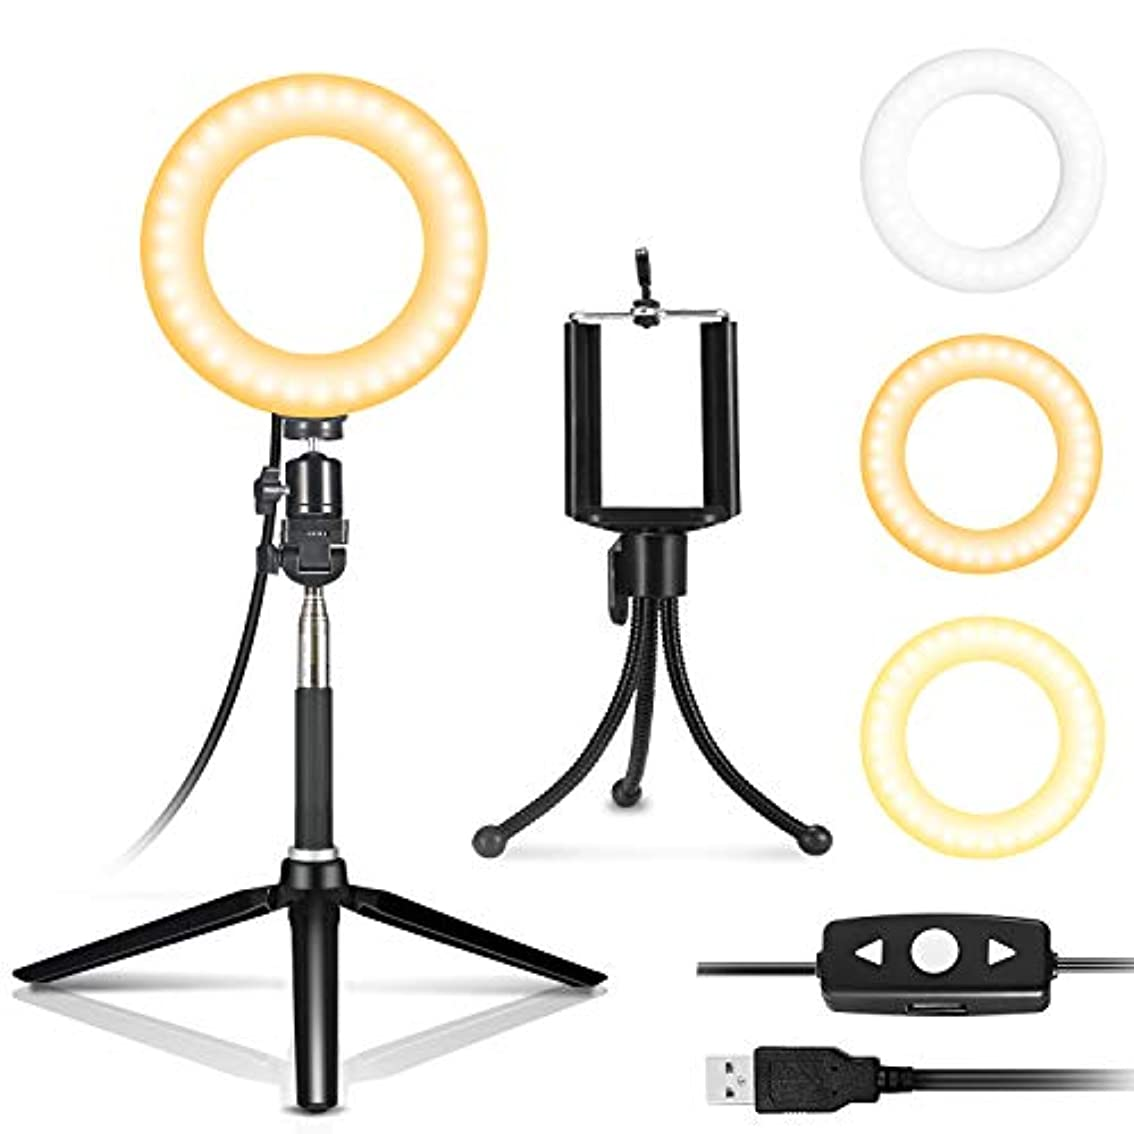 役員写真を撮る食事IDESION 自撮り補助セルフィー LEDライト ミラー 女優ライト 6インチ円形 3色調節可能 リモコン付き ハリウッドライト USB給電 日本語説明書付き